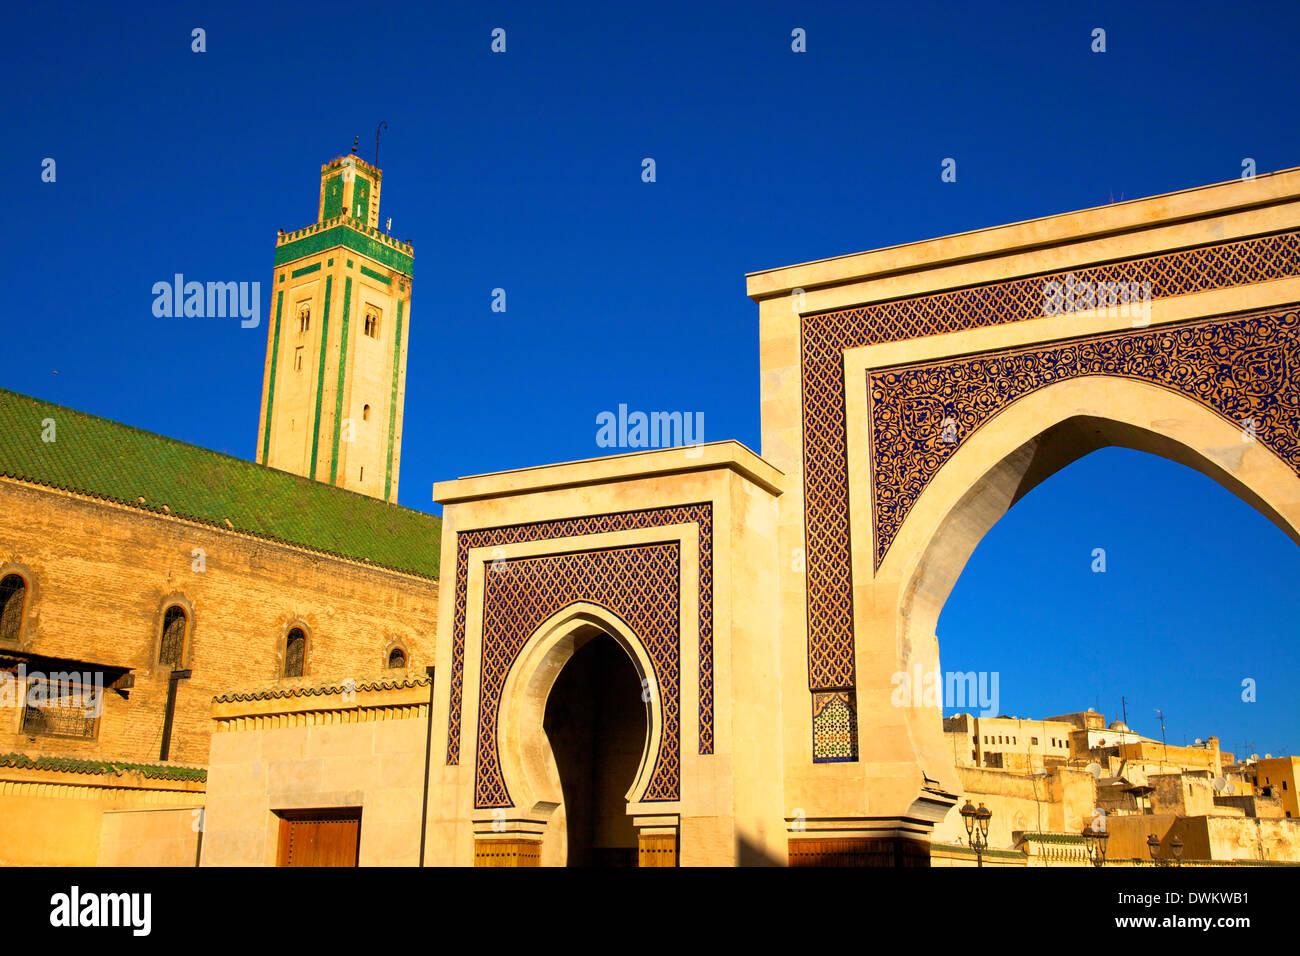 Mezquita R'cif, R'cif (Plaza Er-Rsif), Fez, Marruecos, Norte de África, África Imagen De Stock